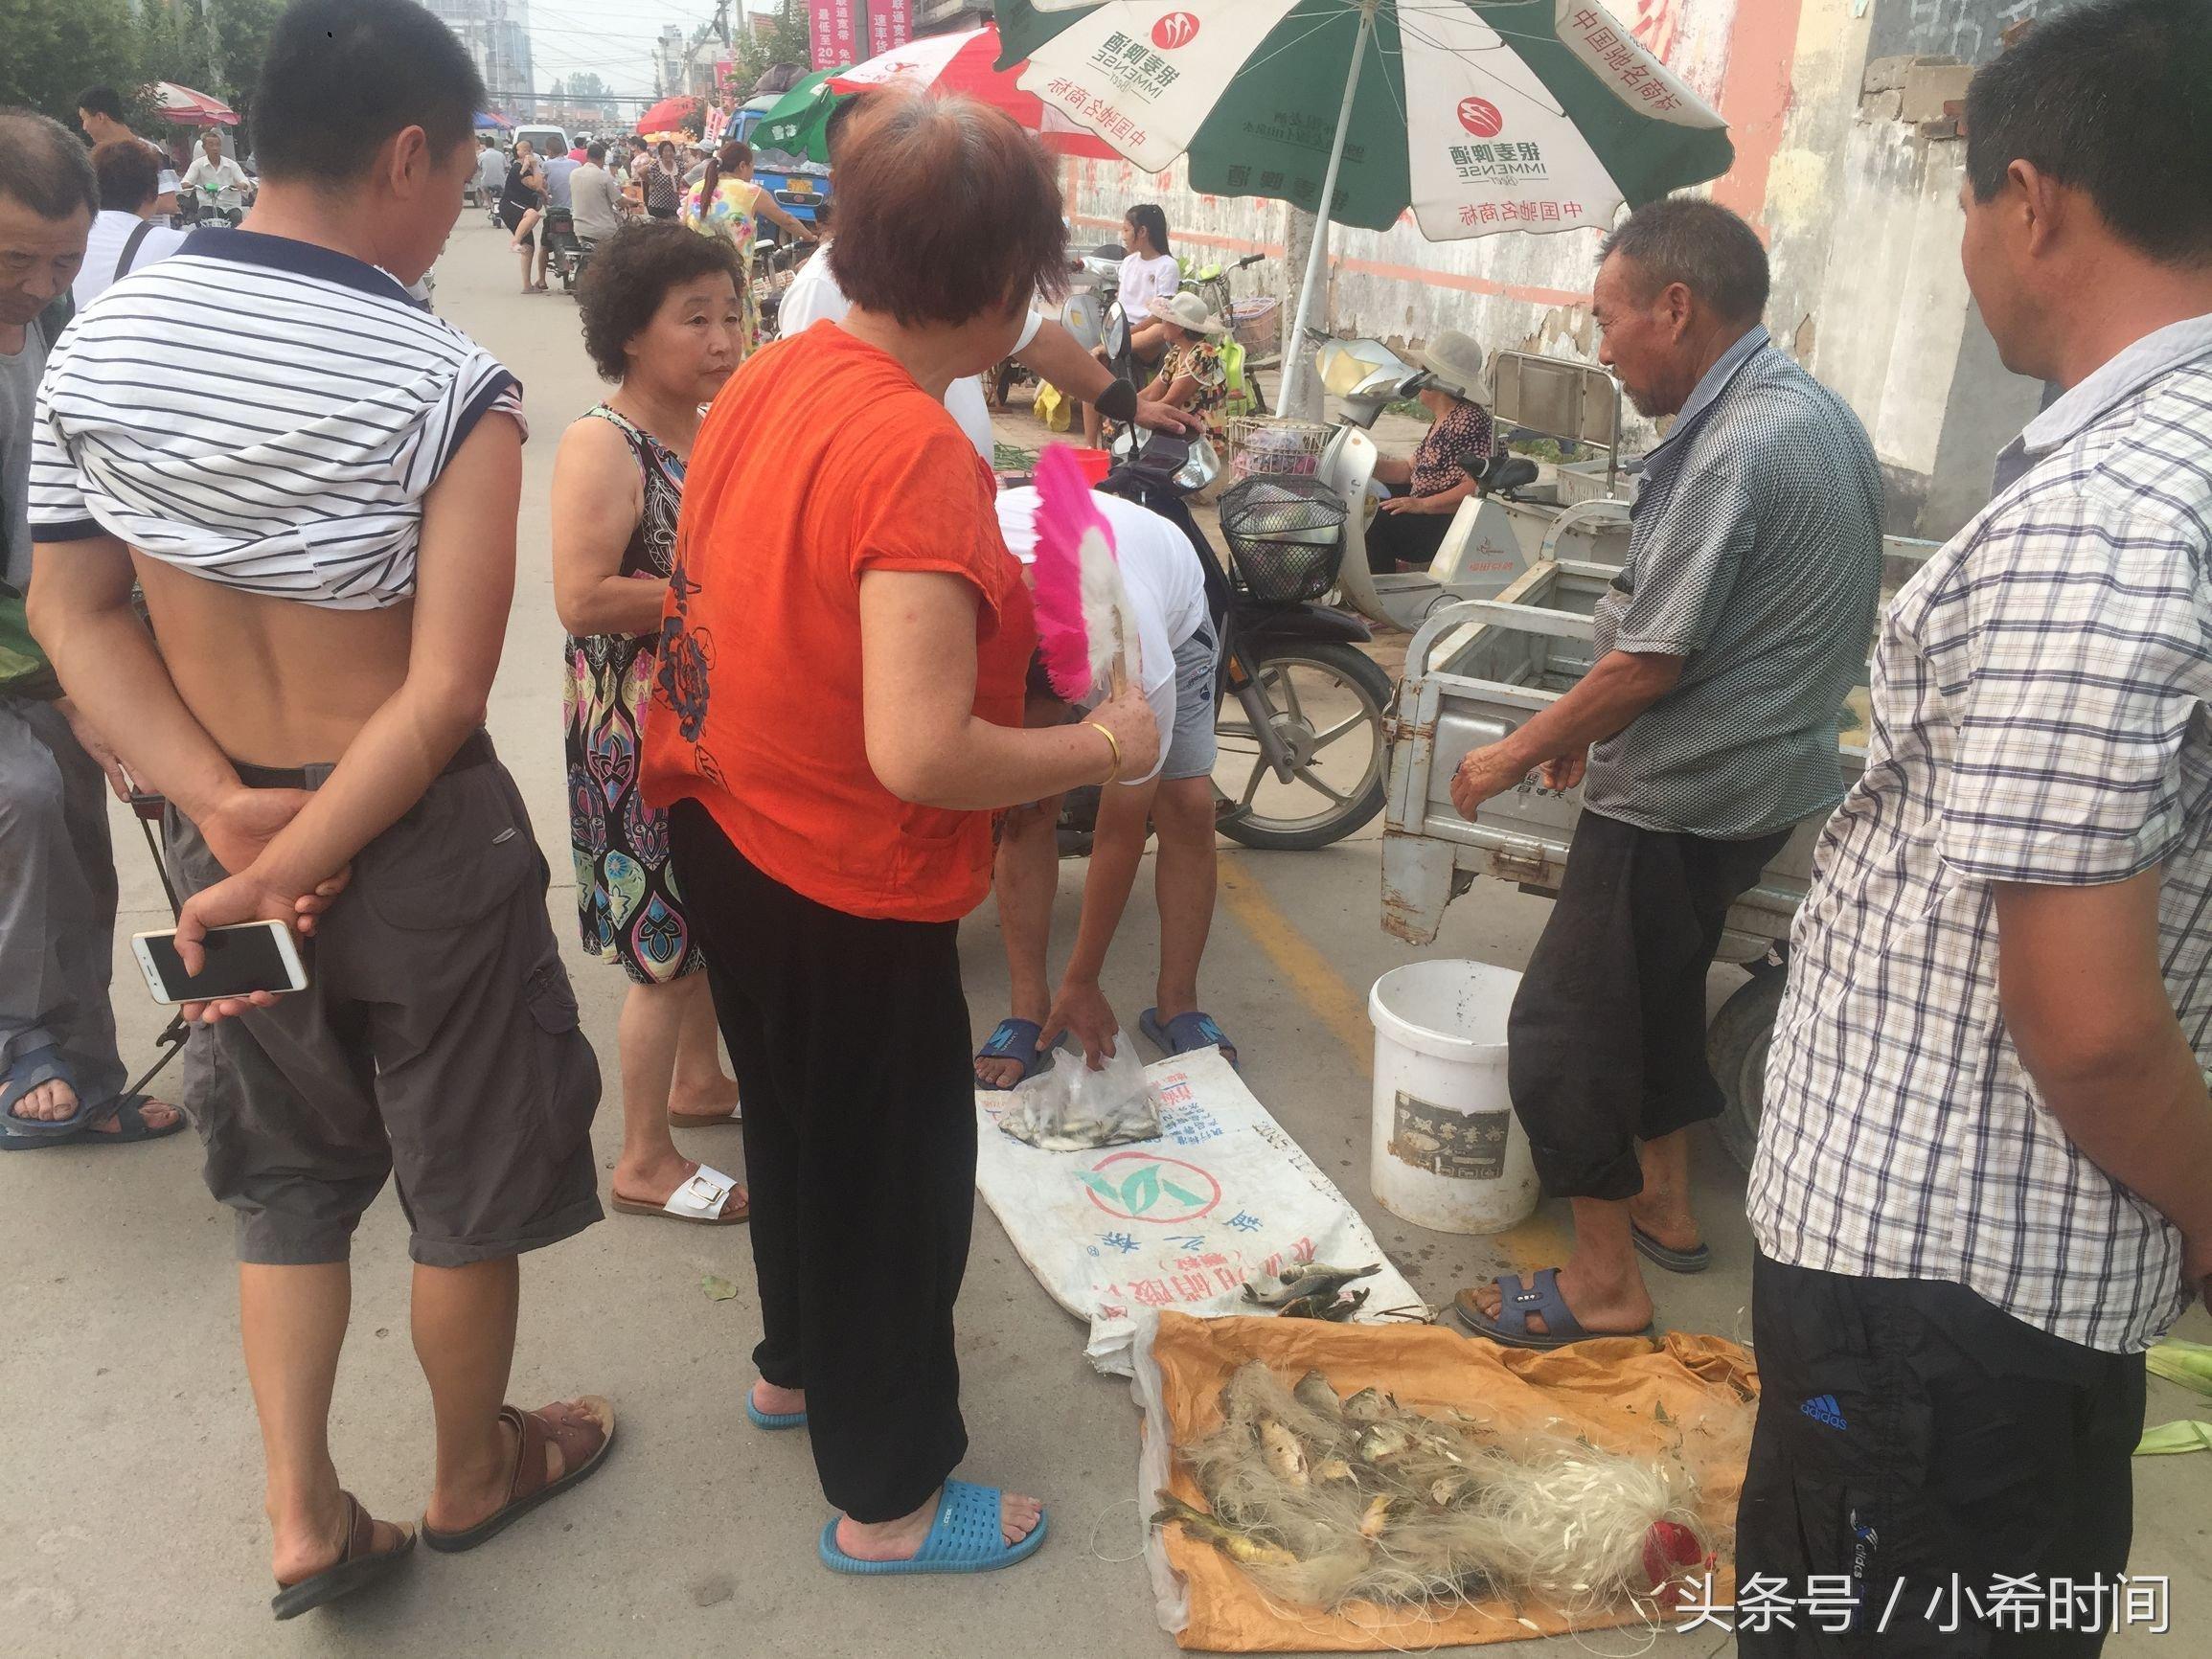 """35高温下六旬大爷摊位上的""""精品货""""现捕现卖4元一斤,供不应求"""